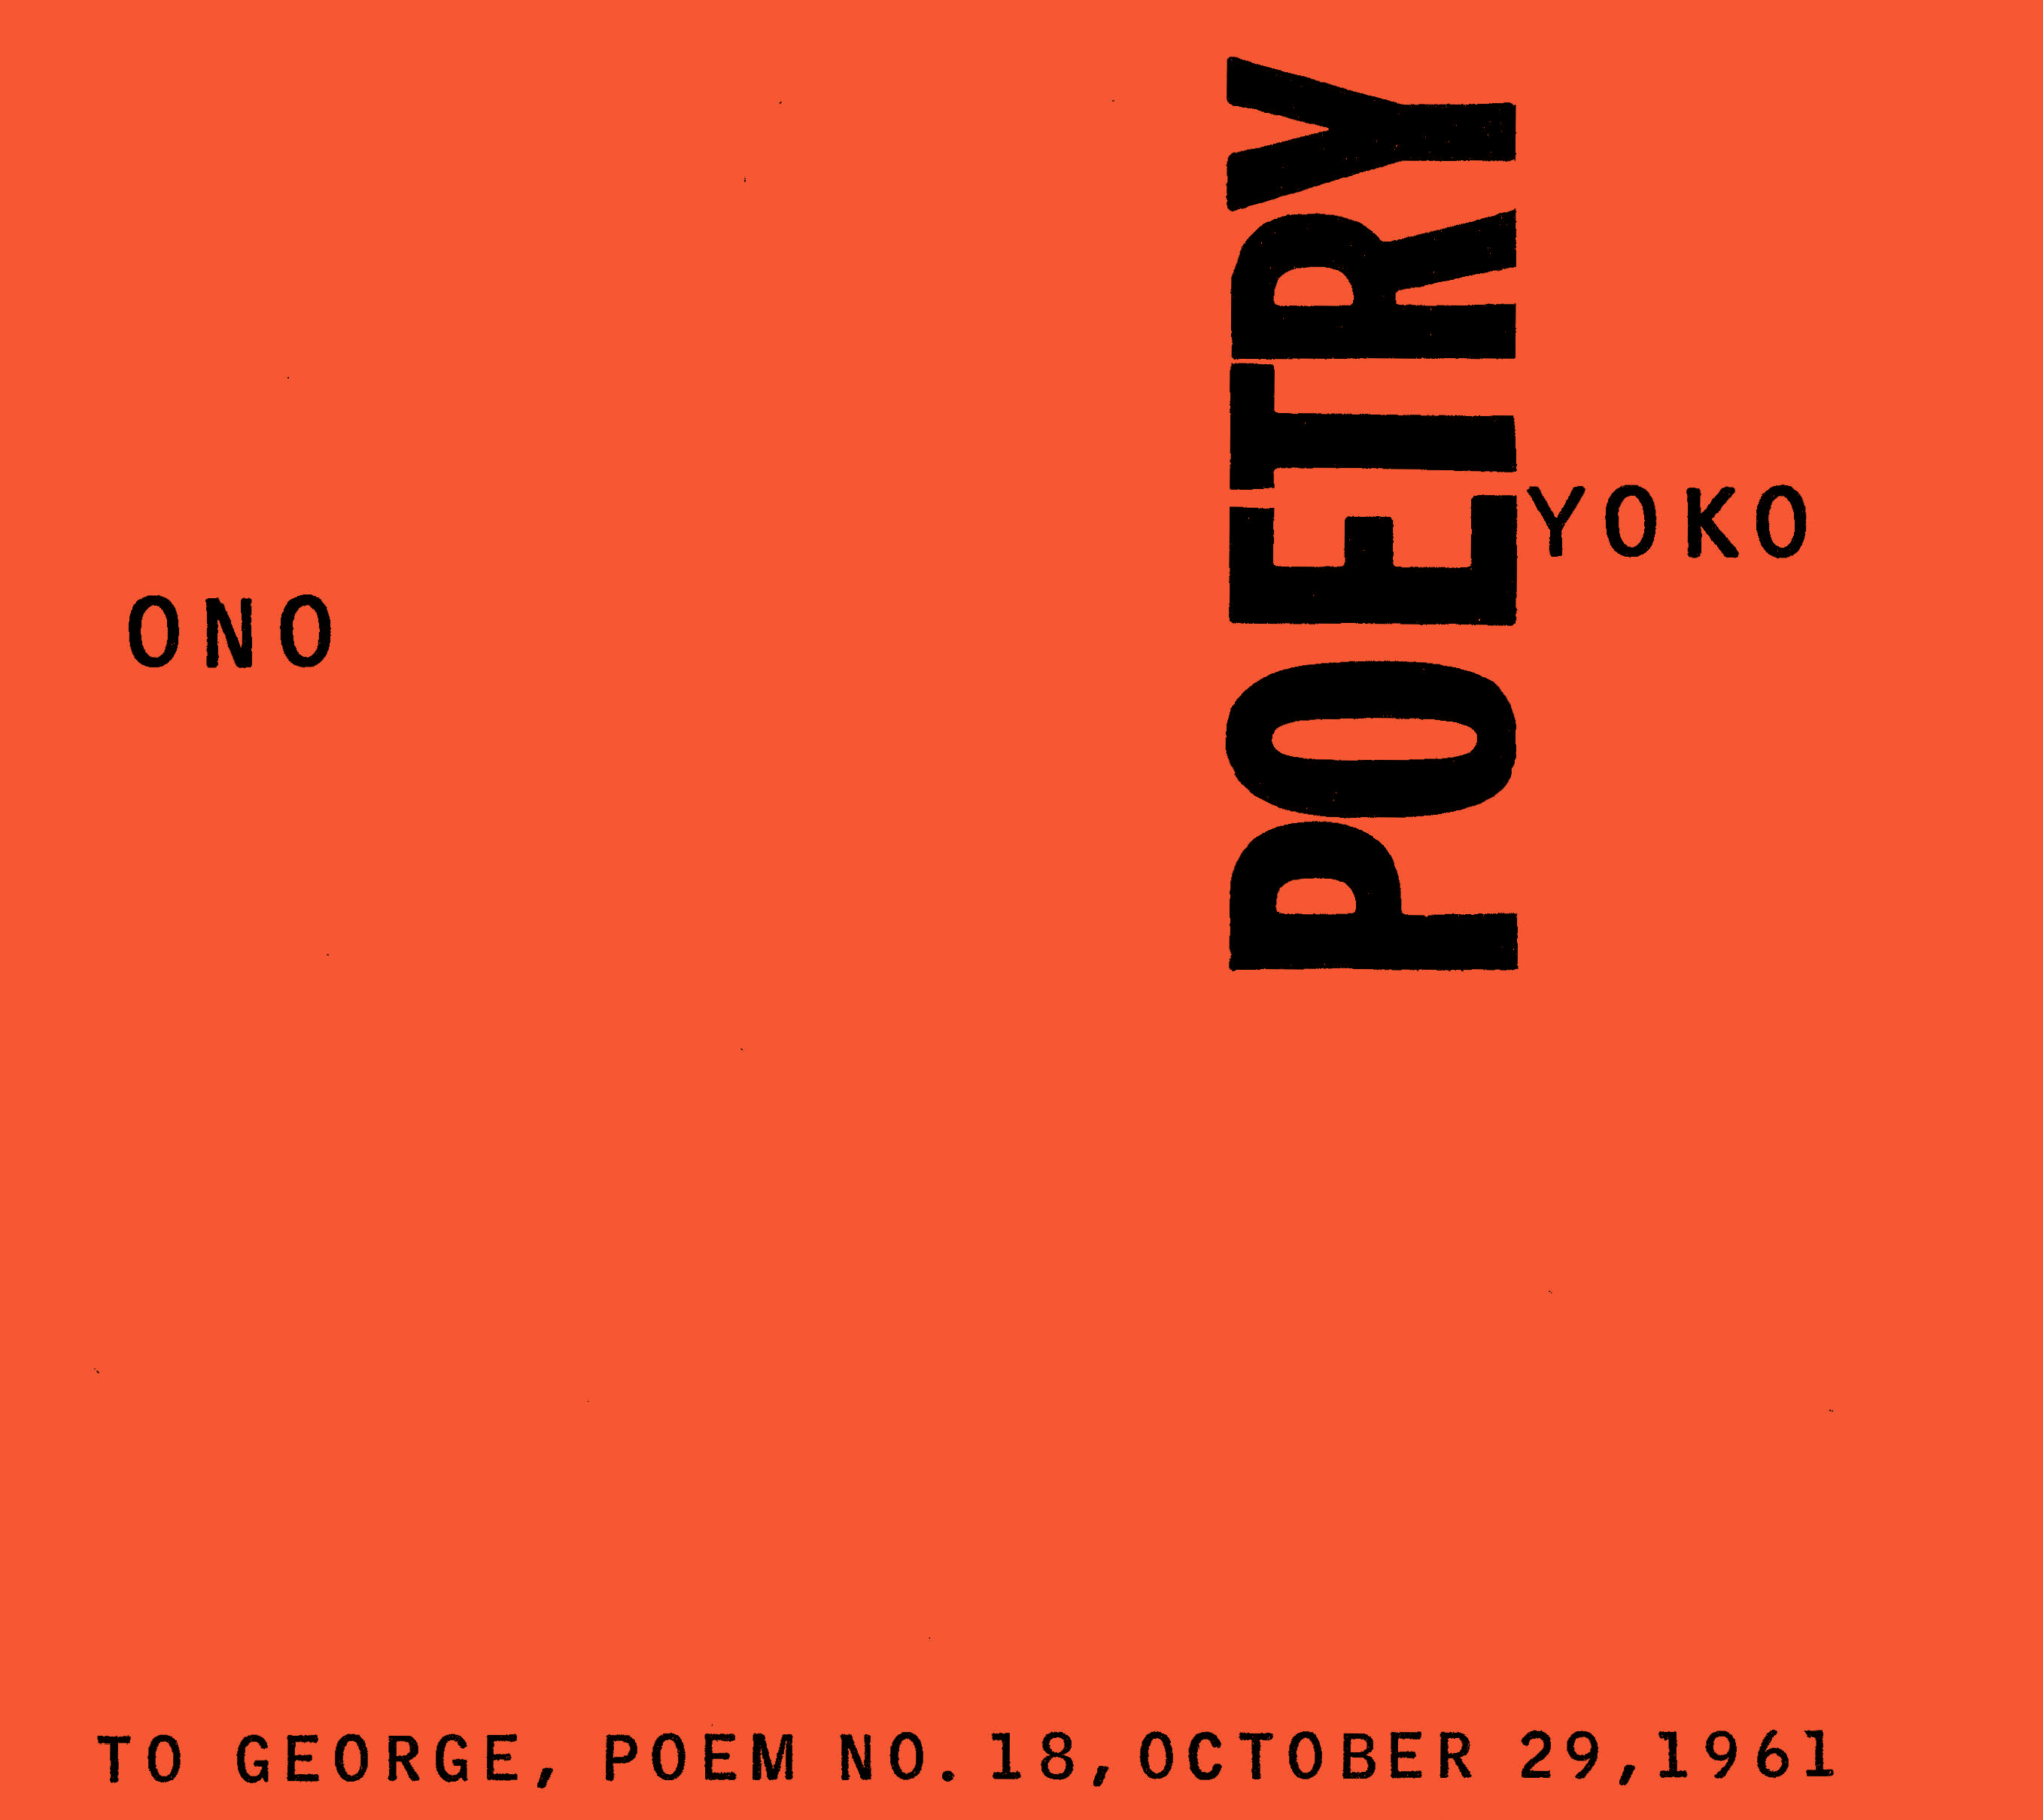 Yoko Anthology_0_Fluxus Foundation